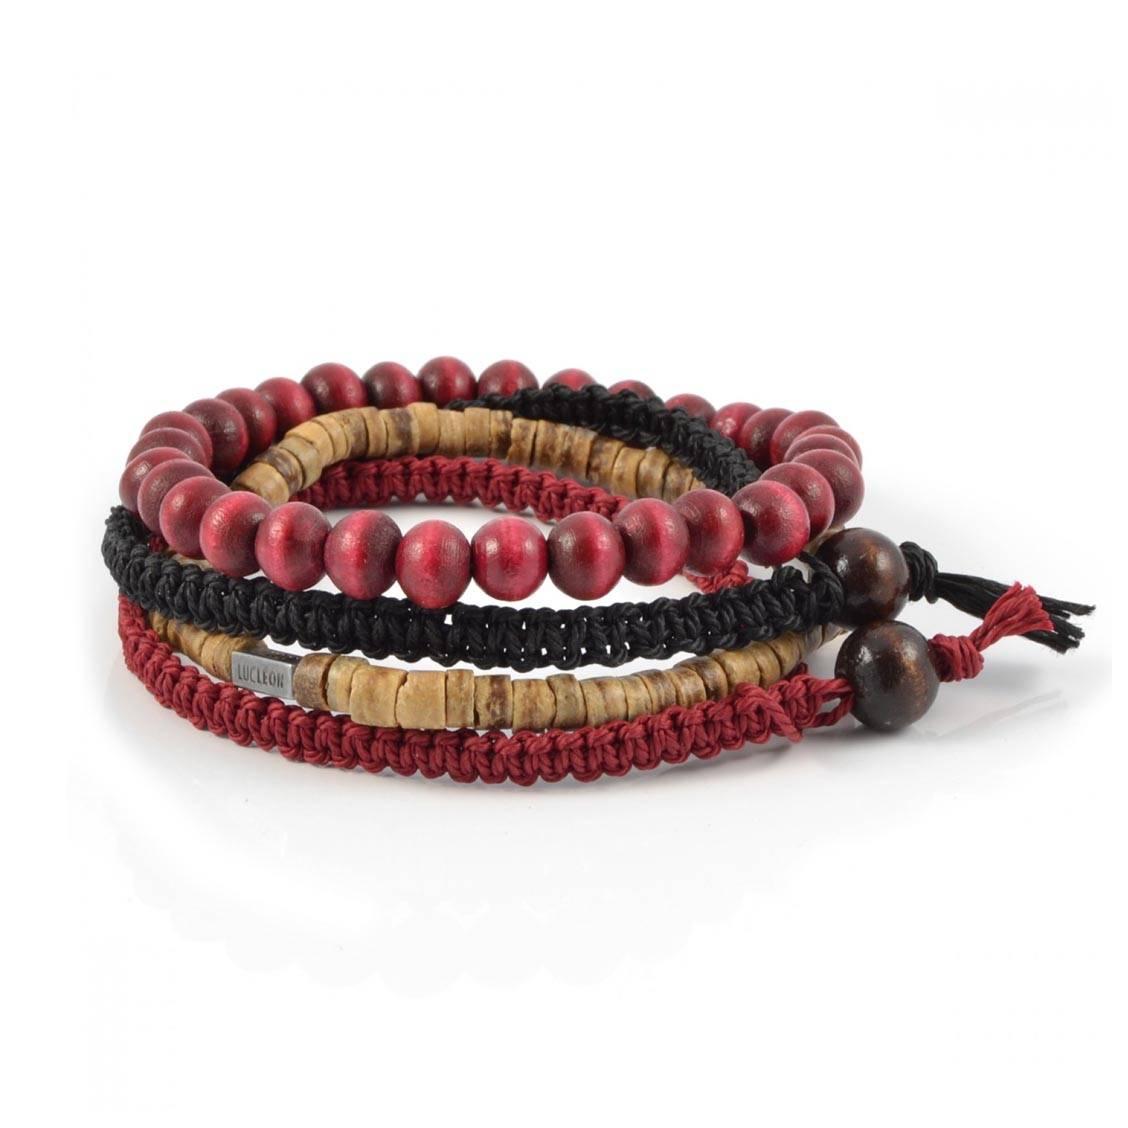 set-de-4-bracelets-lucleon-en-perles-de-bois-bordeaux-en-lanieres-noires-et-bordeaux-et-en-perles-de-noix-de-coco